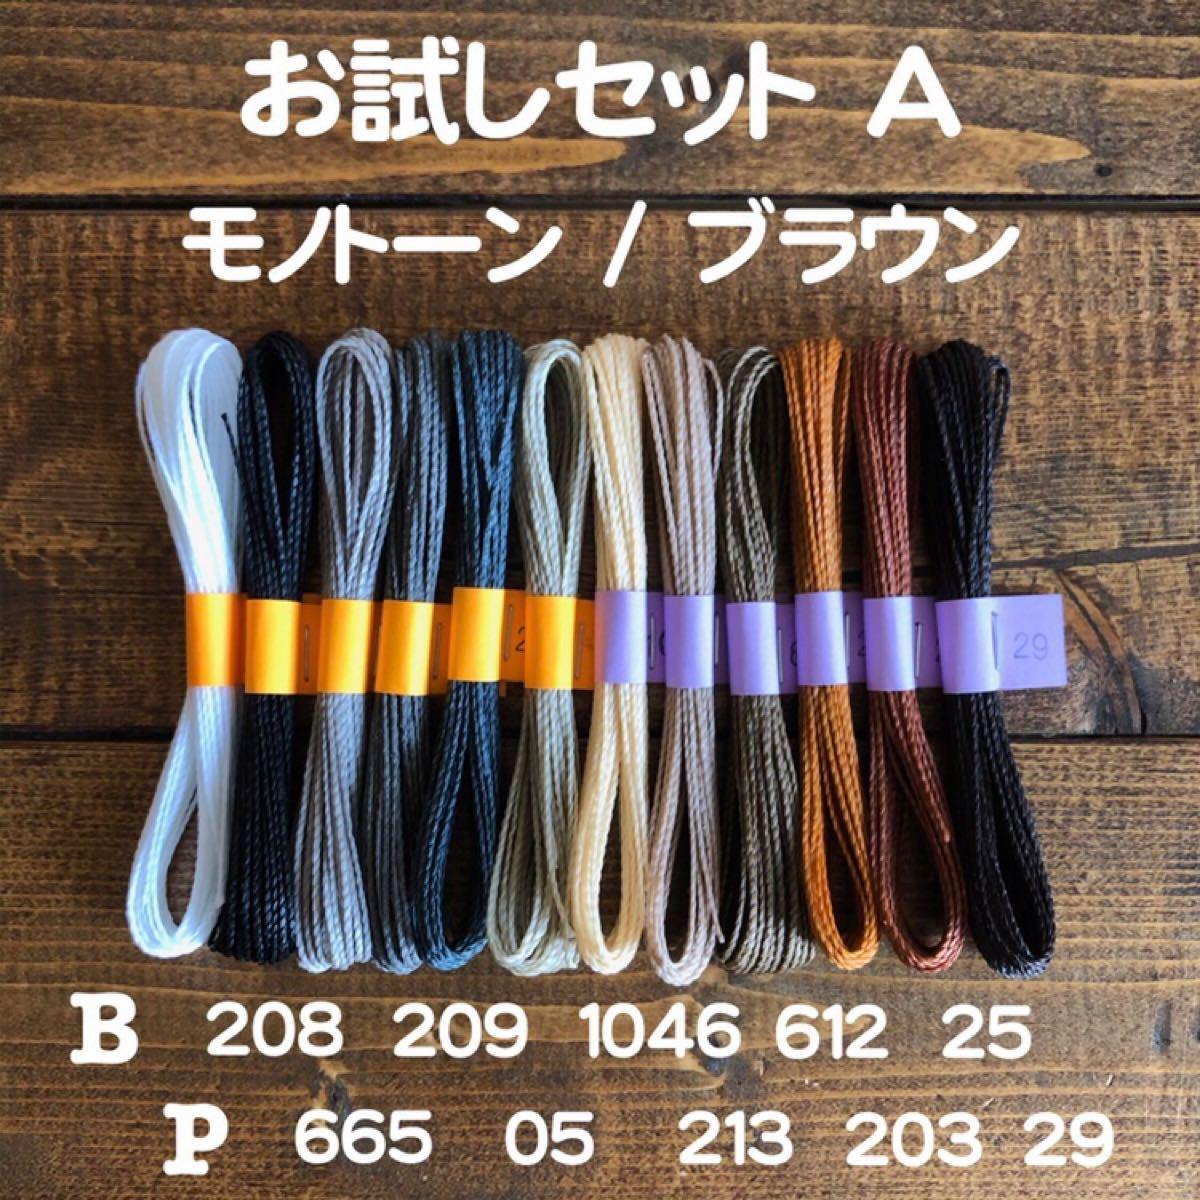 【お試しセット☆色変更OK】ブラジル LINHASITA社製 ワックスコード 1mm幅